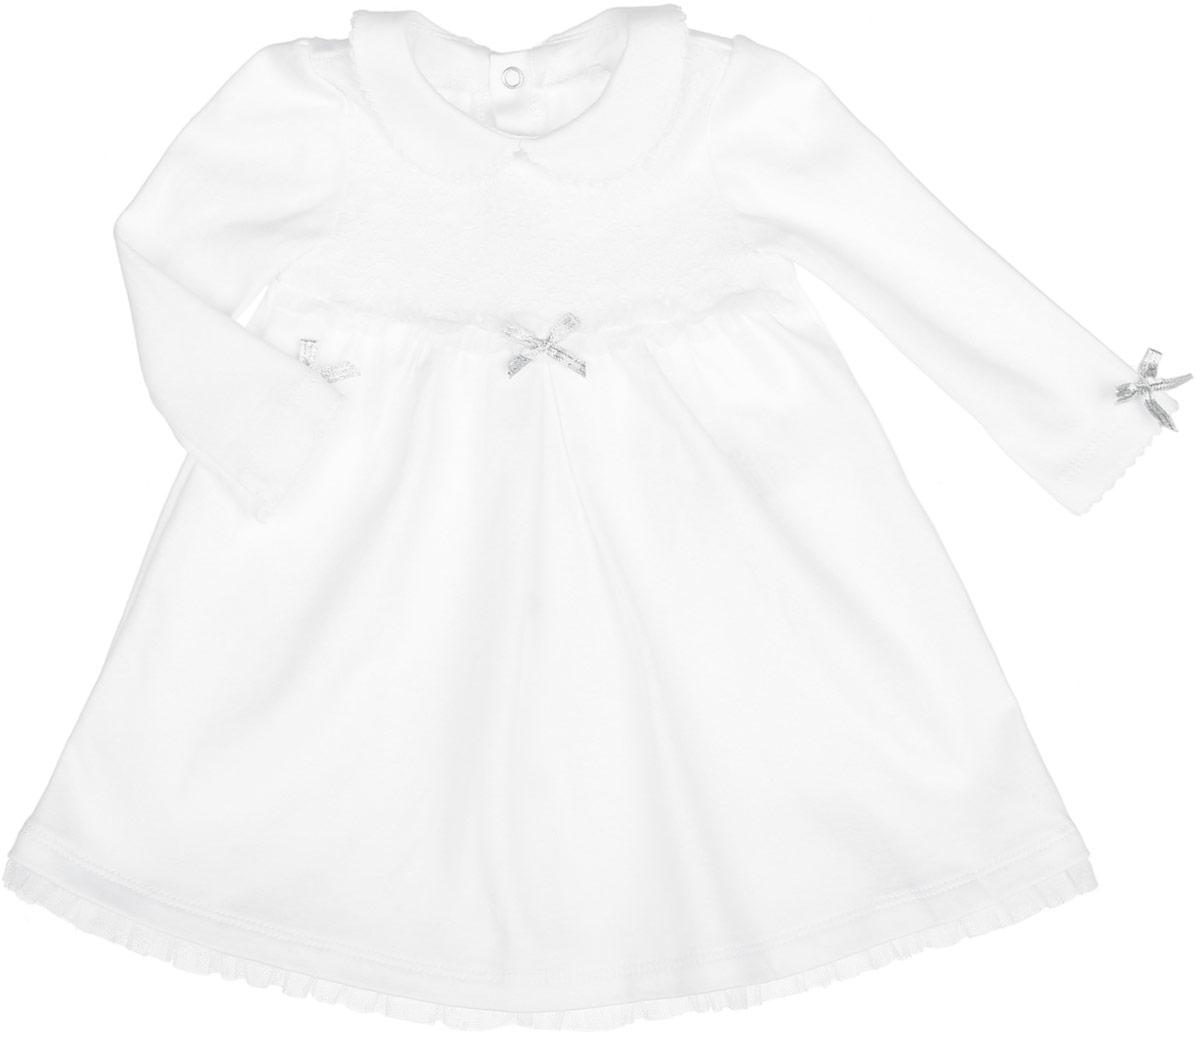 Платье для девочки. PL12PL12-1Нарядное платье для девочки БЕМБІ идеально подойдет вашей маленькой принцессе. Изготовлено платье из натурального хлопка, благодаря чему оно необычайно мягкое и приятное на ощупь, не сковывает движения малышки и позволяет коже дышать, не раздражает даже самую нежную и чувствительную кожу ребенка, обеспечивая ему наибольший комфорт. Платье с отложным воротником и длинными рукавами сзади застегиваются на кнопки. Модель дополнена кружевной вставкой на уровне груди. Изделие оформлено оборками из сетчатого, легкого материала и небольшими бантиками на груди и по низу рукавов. Оригинальный современный дизайн и модная расцветка делают это платье модным и стильным предметом детского гардероба. В нем ваша малышка будет чувствовать себя уютно и комфортно и всегда будет в центре внимания!